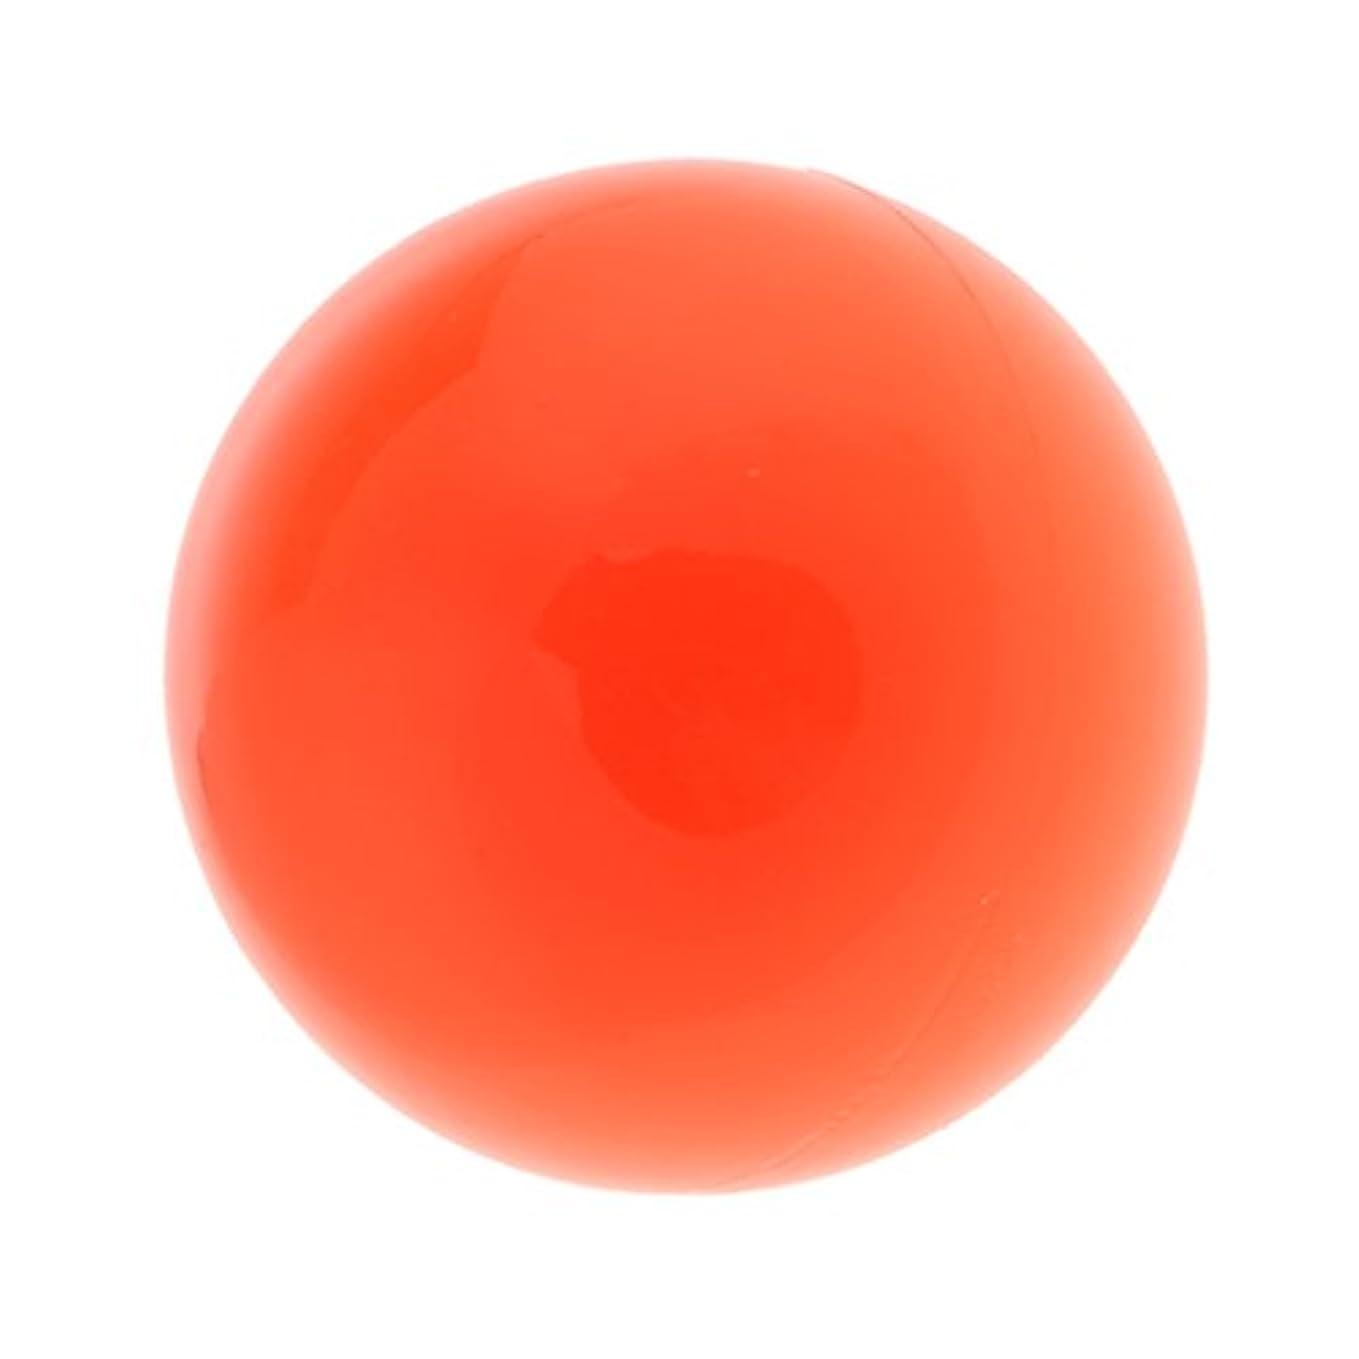 オーナメント学生ユーモラスdailymall ジムホームエクササイズマッスルエクササイズフィットネスワークアウト用ソフトマッサージボール